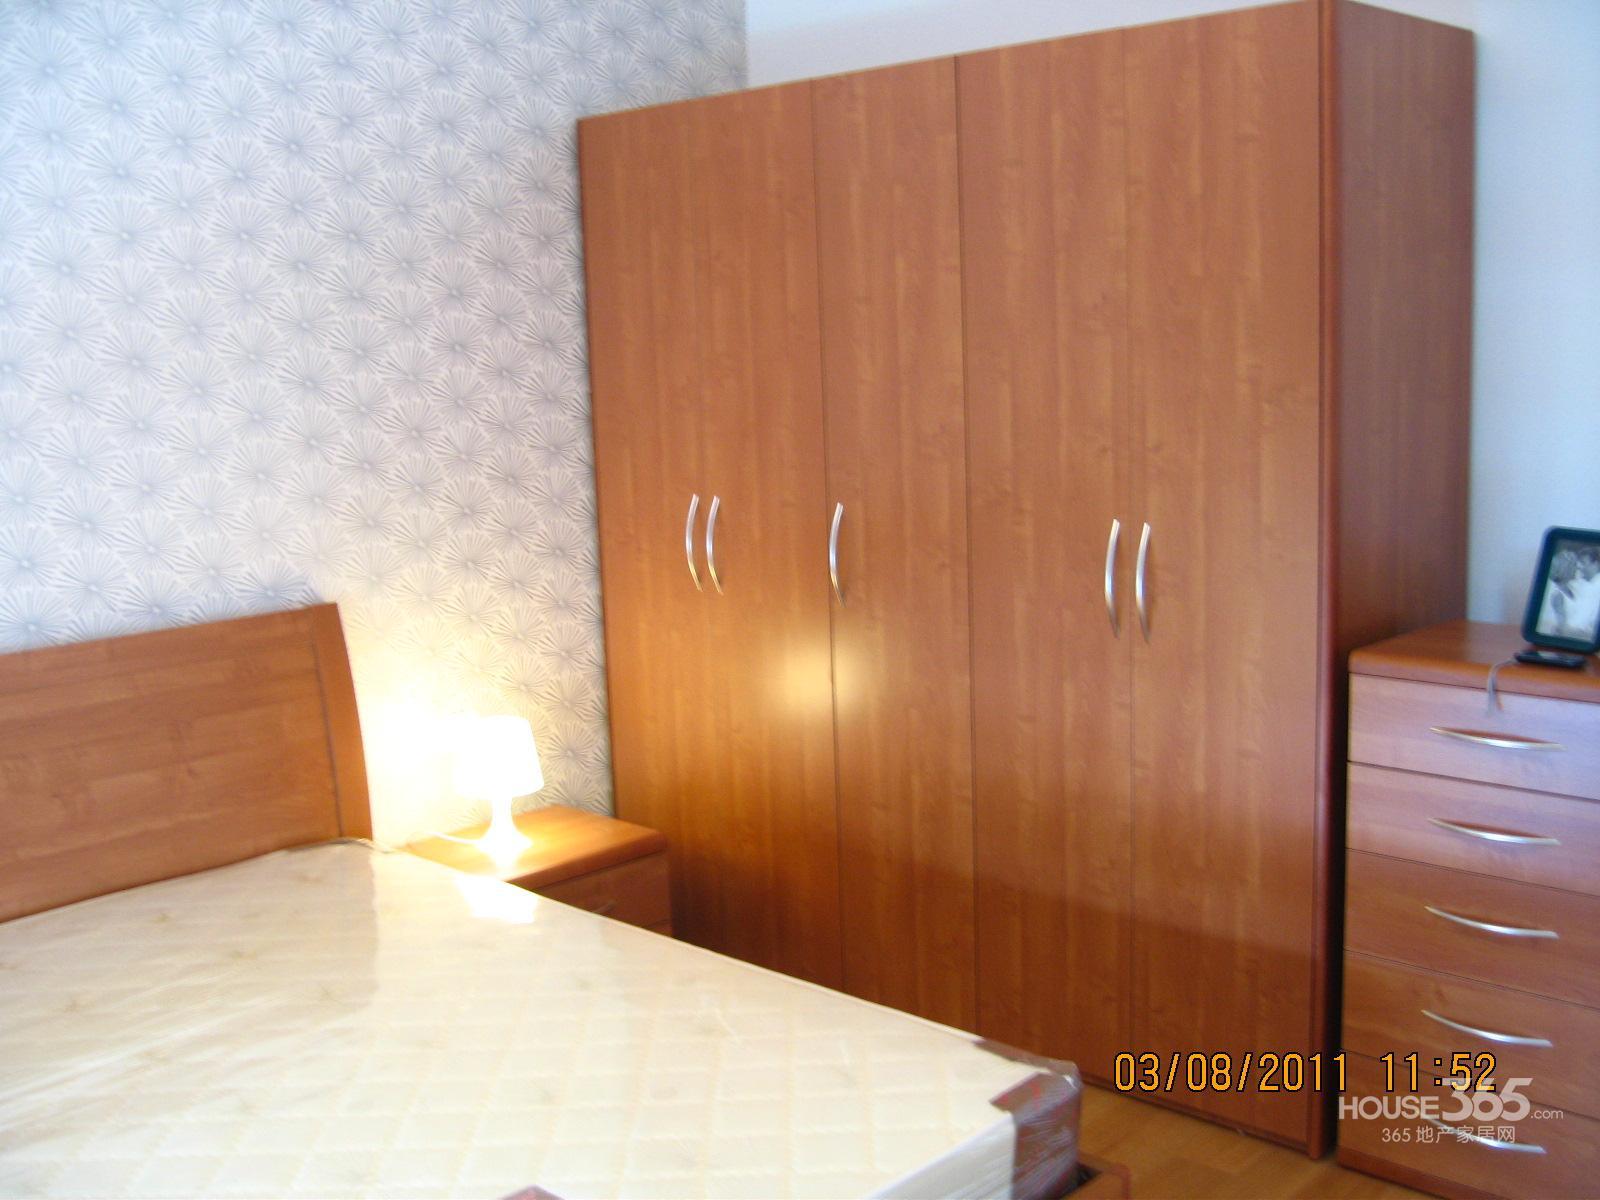 朗诗国际街区1室1厅1卫60.00�O整租精装